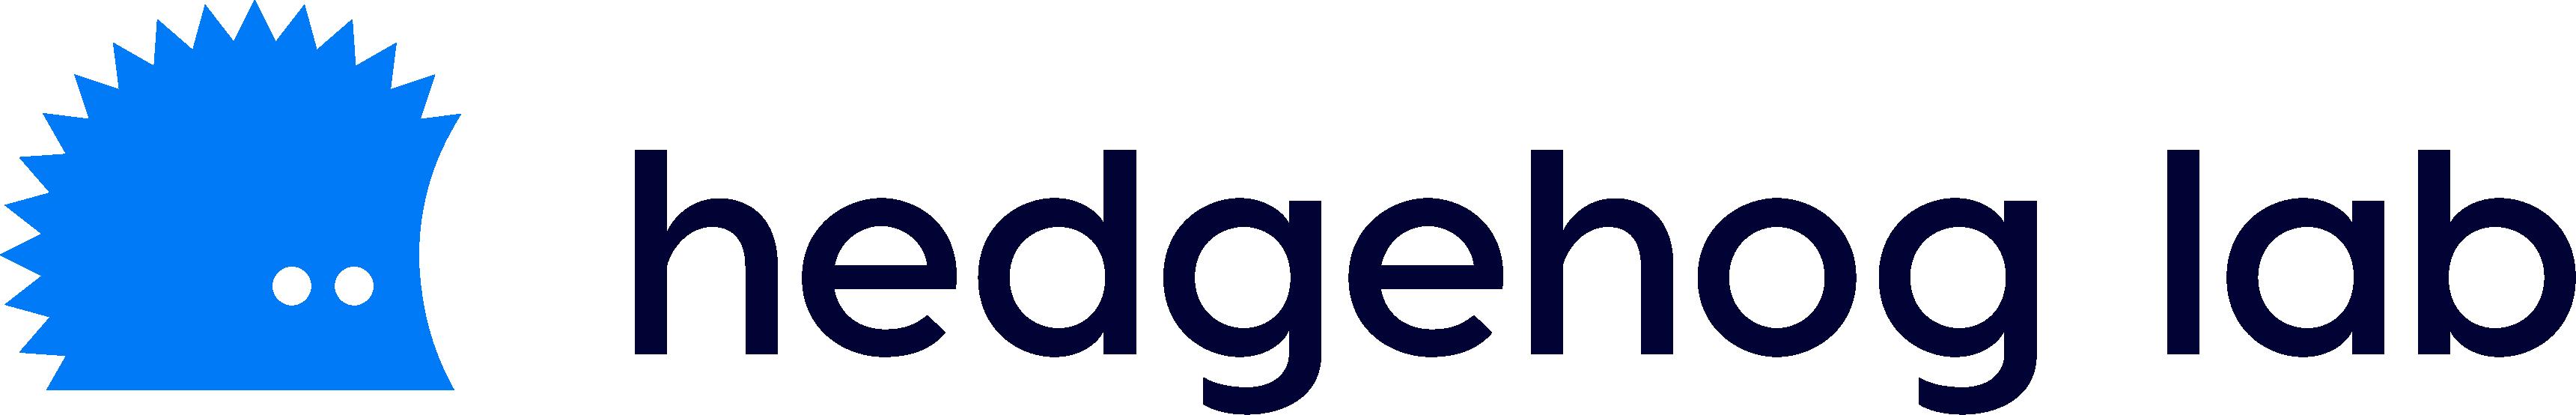 hedgehog-lab-logo.png